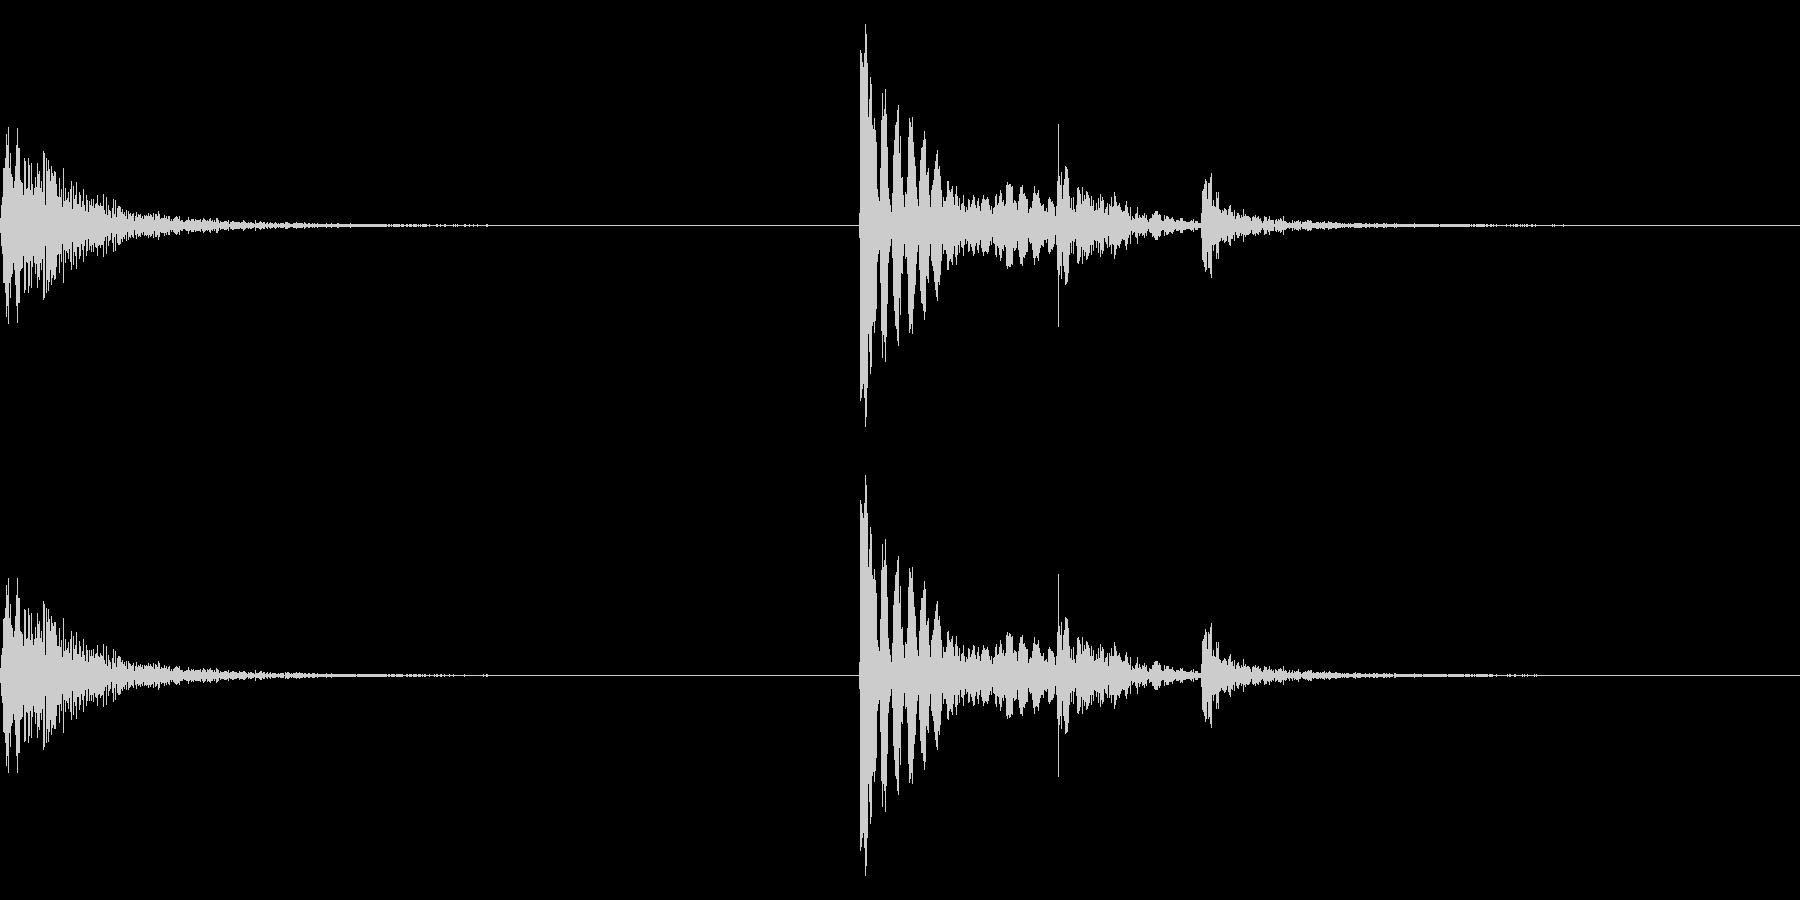 【生録音】金属製フックをかける音 1の未再生の波形